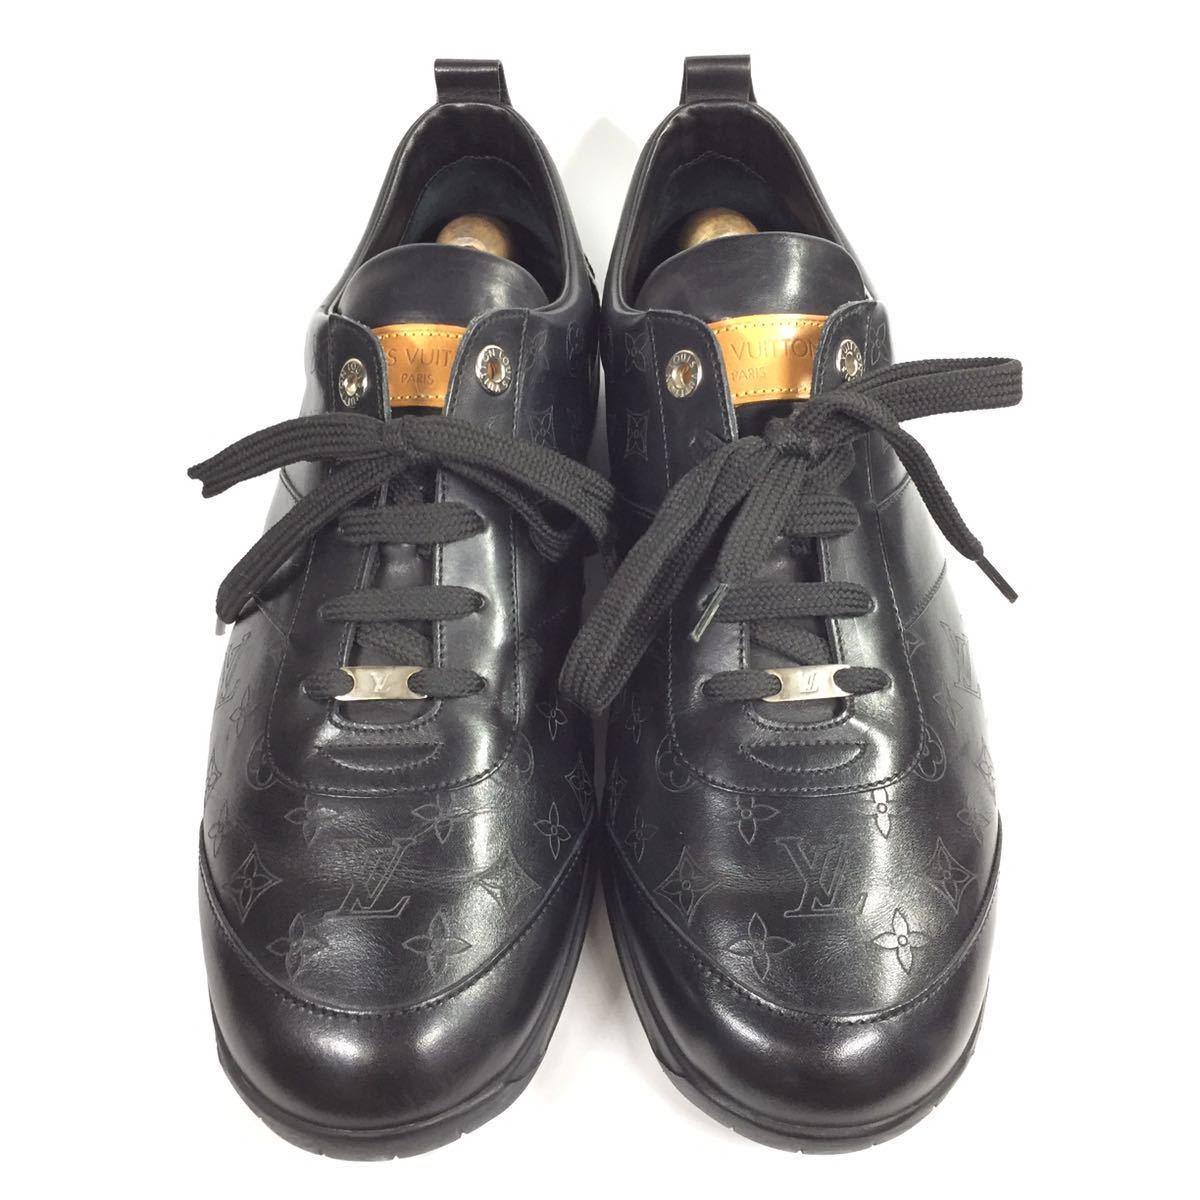 【ルイヴィトン】本物 LOUIS VUITTON 靴 28cm 黒 モノグラム スニーカー カジュアルシューズ 本革 レザー 男性用 メンズ イタリア製 9 1/2_画像2